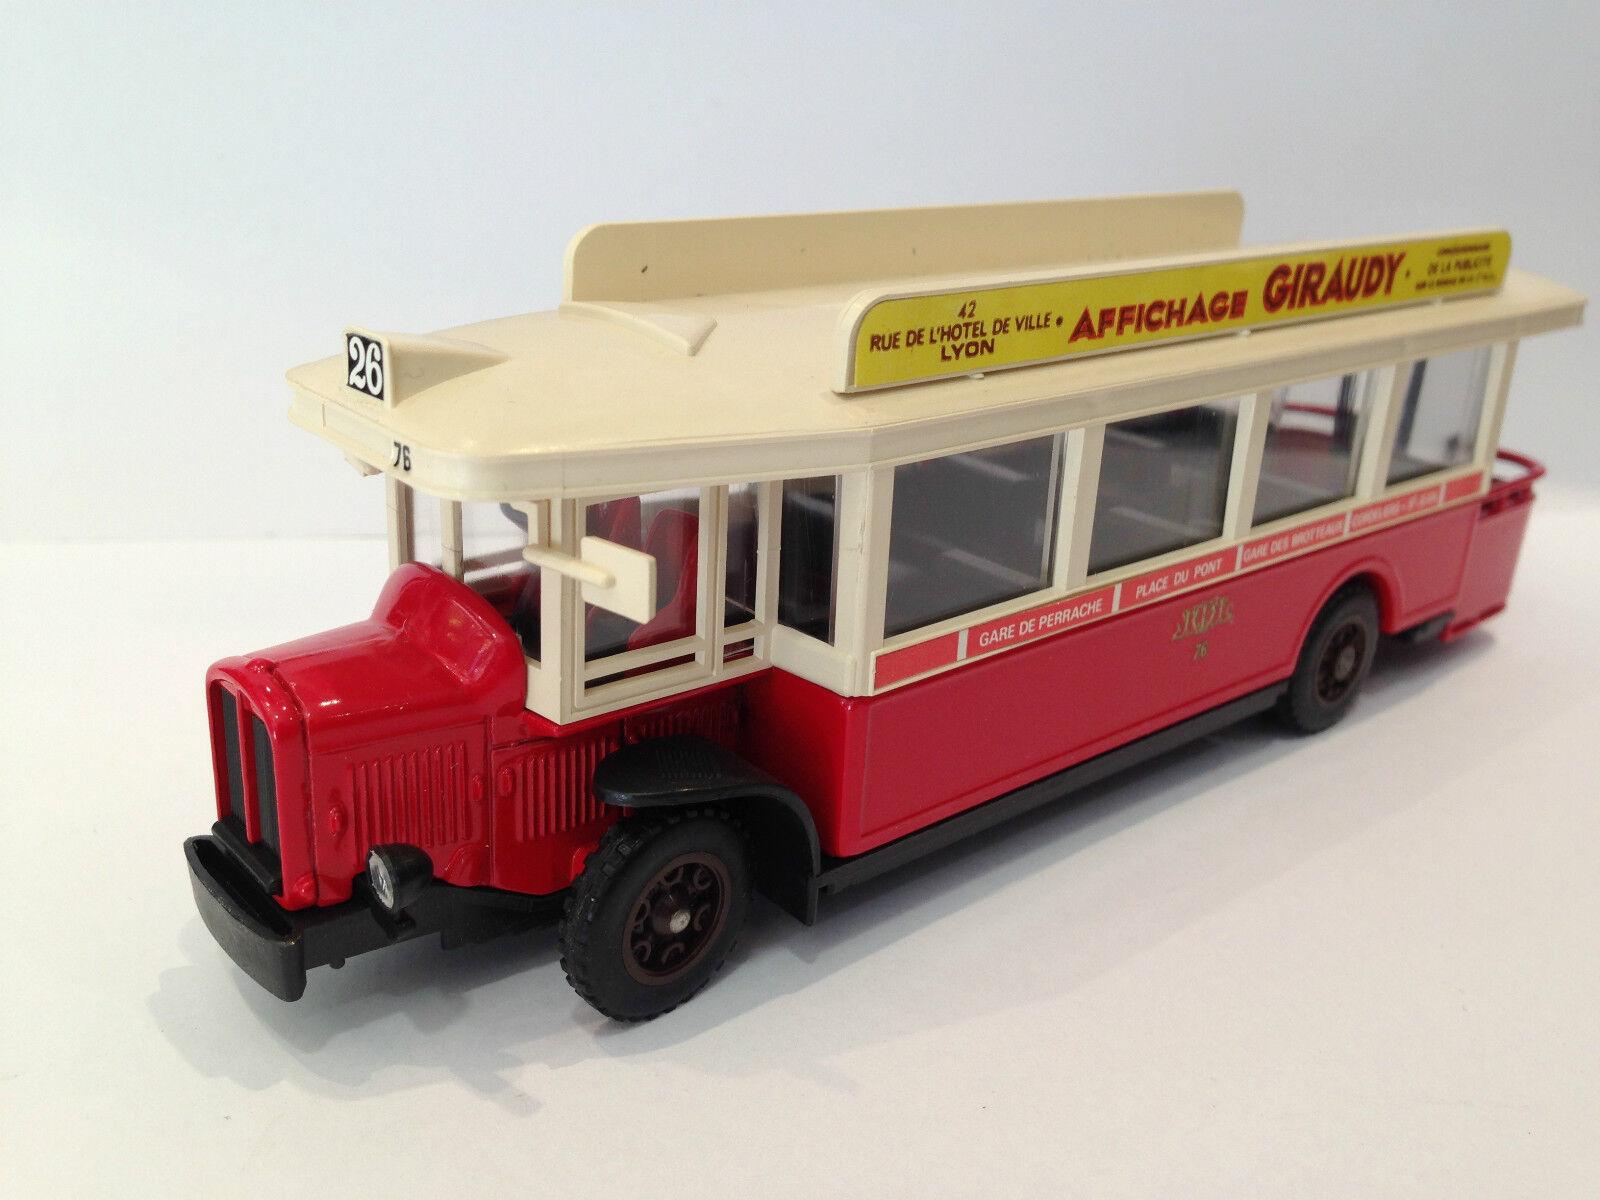 barato y de alta calidad Vintage-Solido-francés juguete juguete juguete camión coche Transporter Bus 1934 Modelo Renault Tn 6c  almacén al por mayor